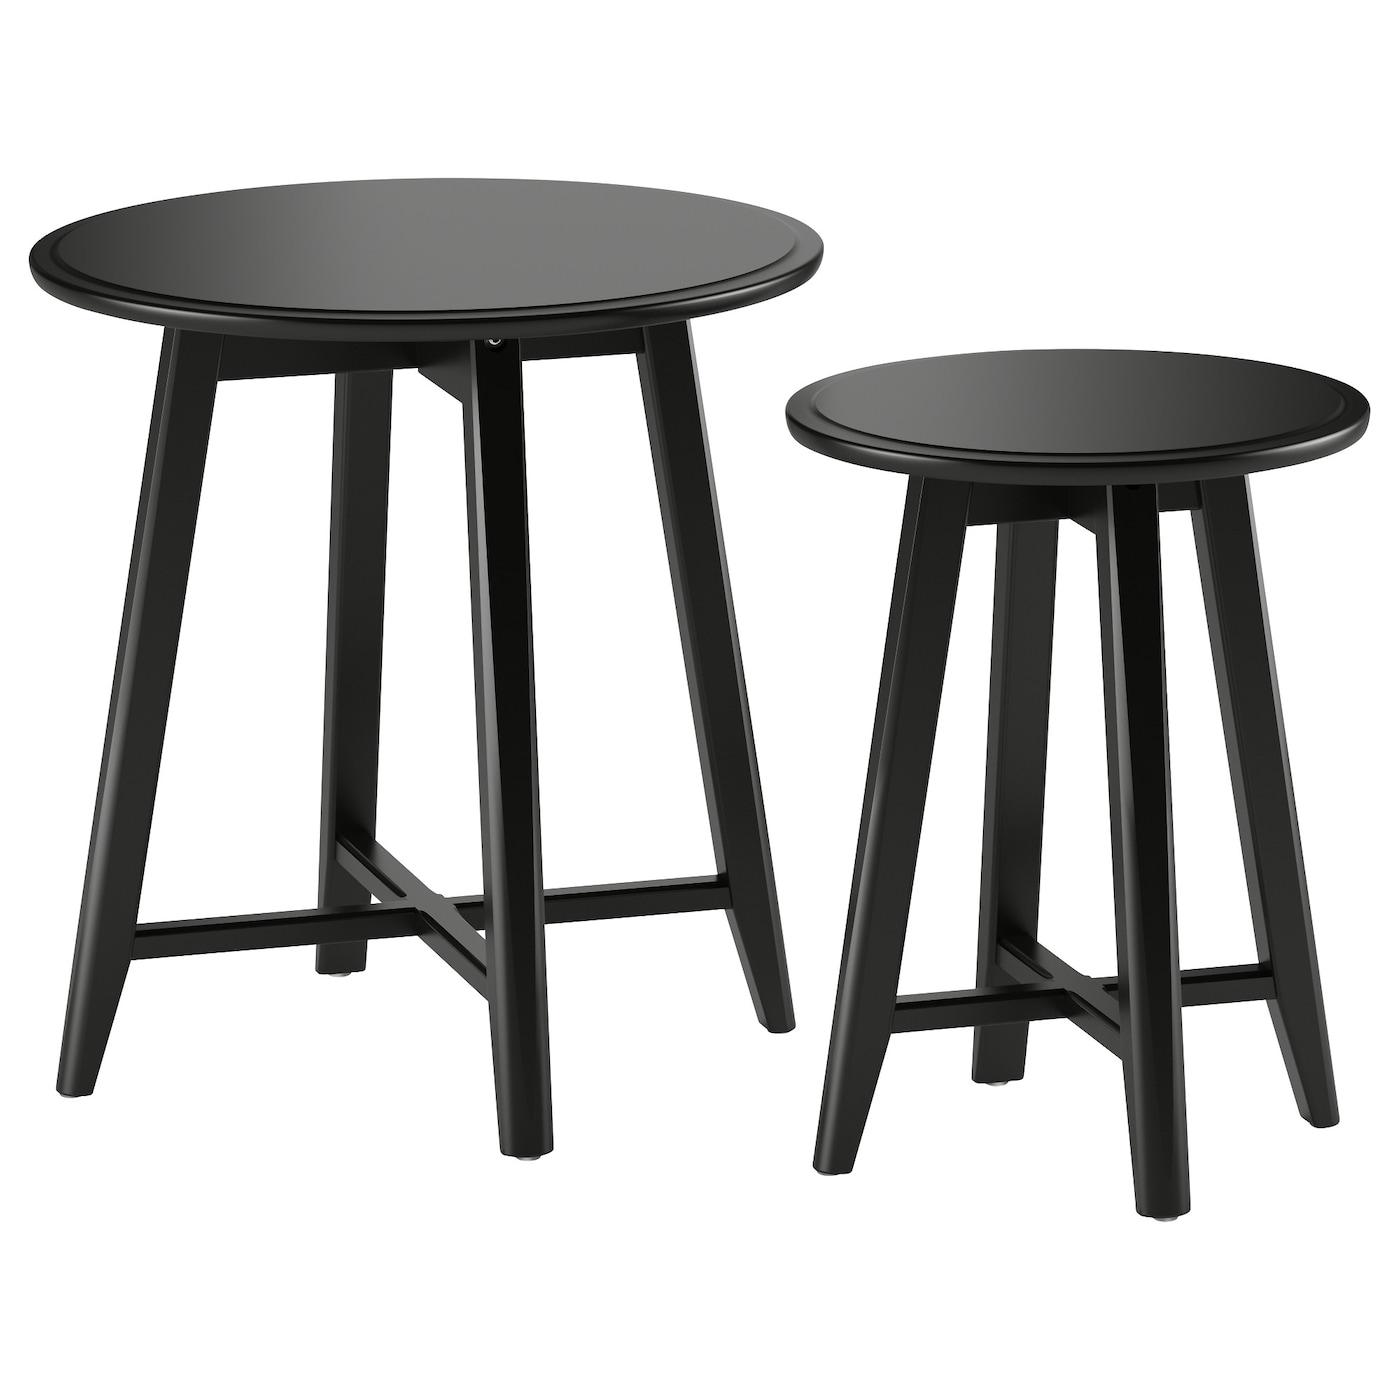 IKEA KRAGSTA czarne stoliki, 2 sztuki